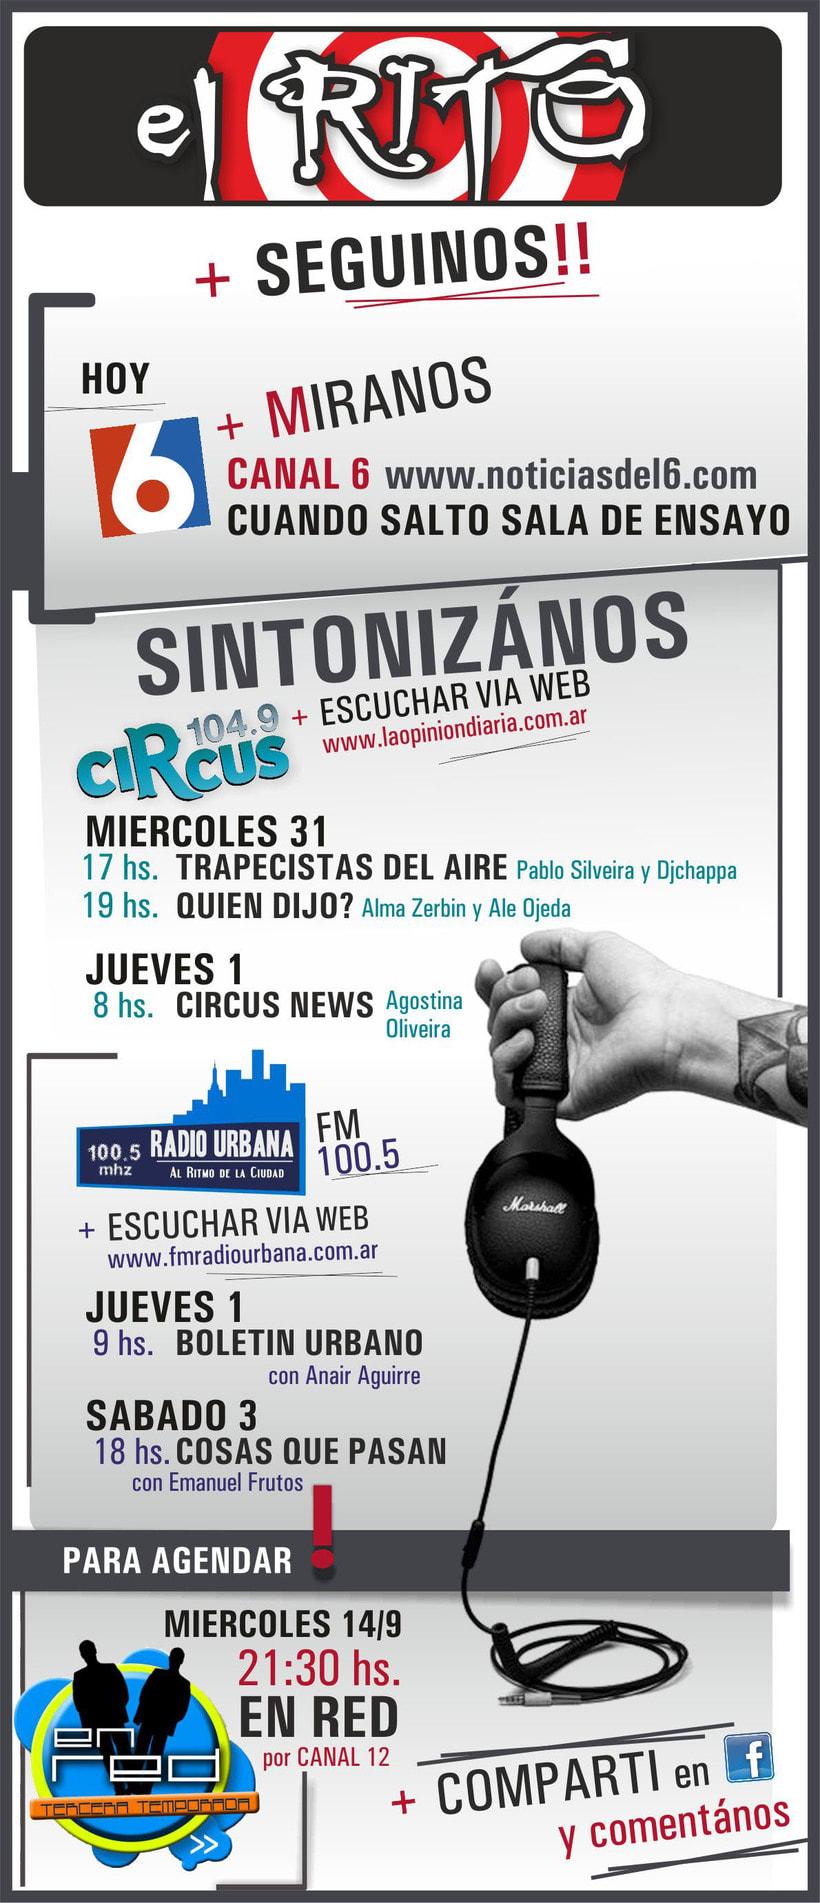 EL RITO - flyers - 4